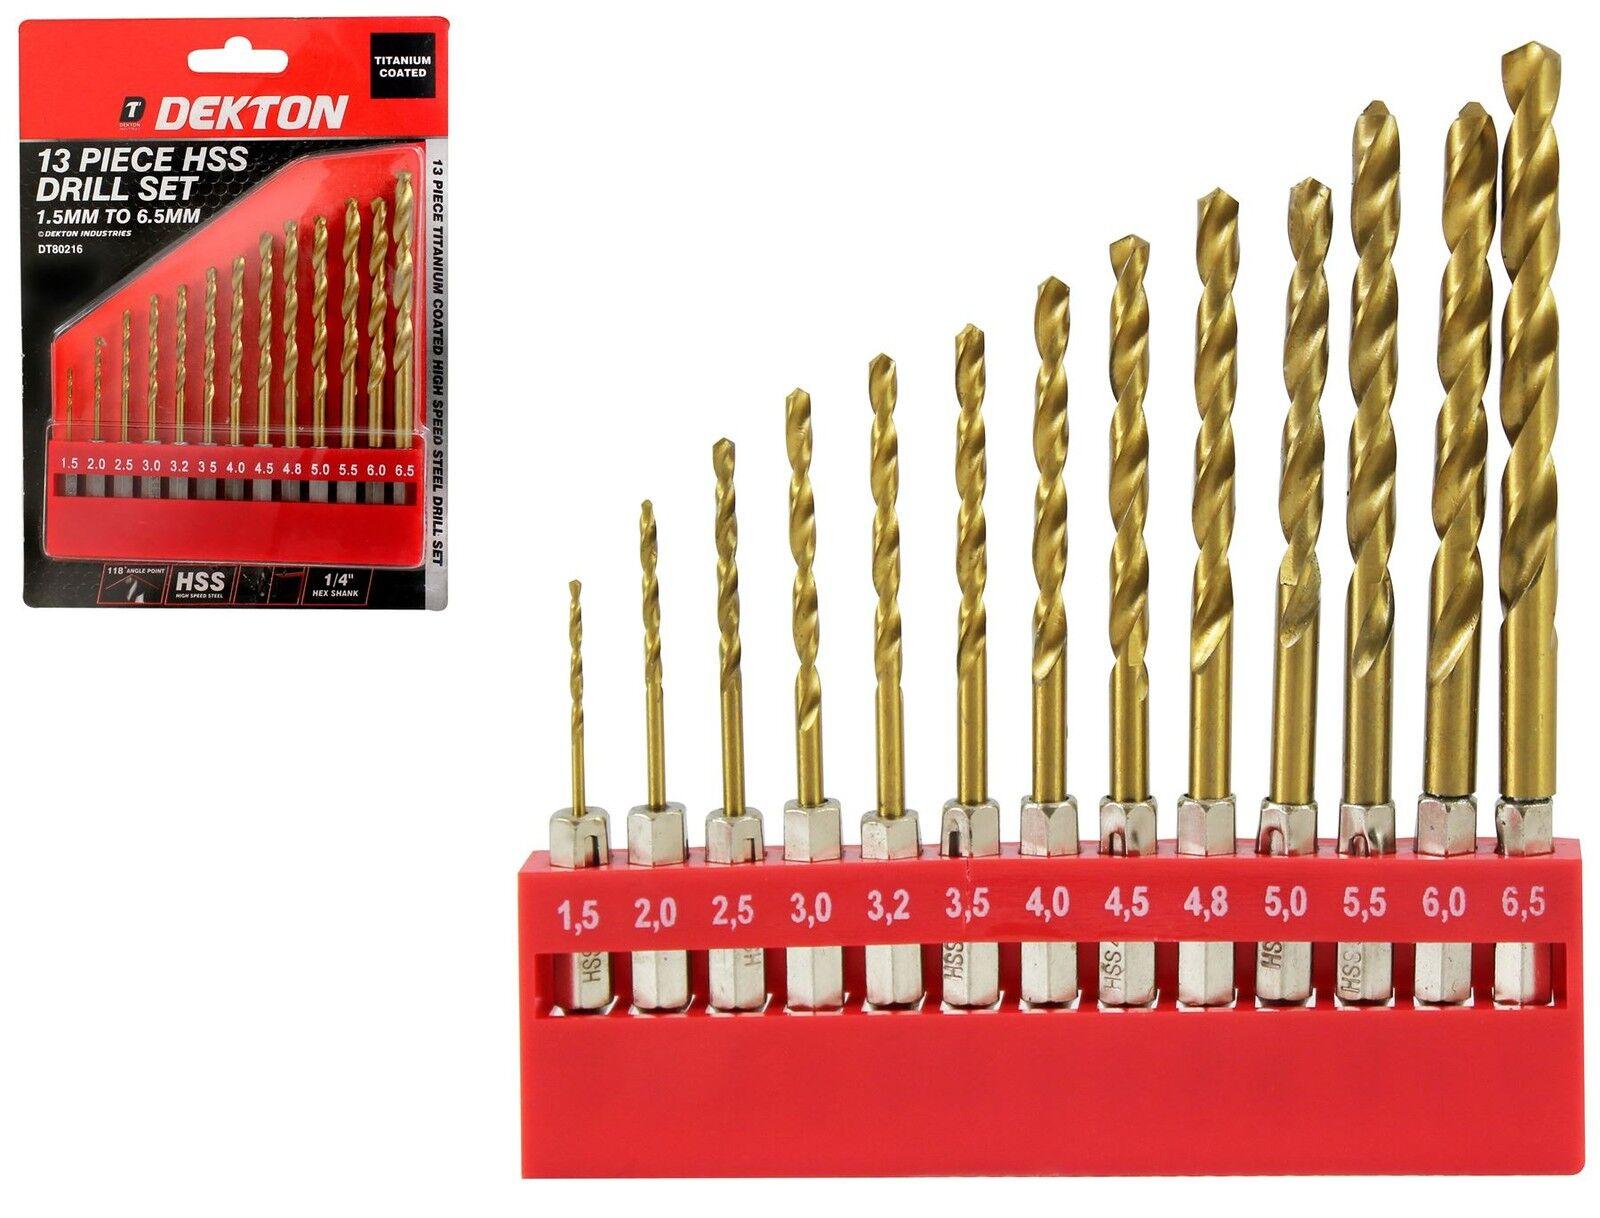 Dekton 13pc HSS Drill Metal Bits Set Titanium Coated 1/4